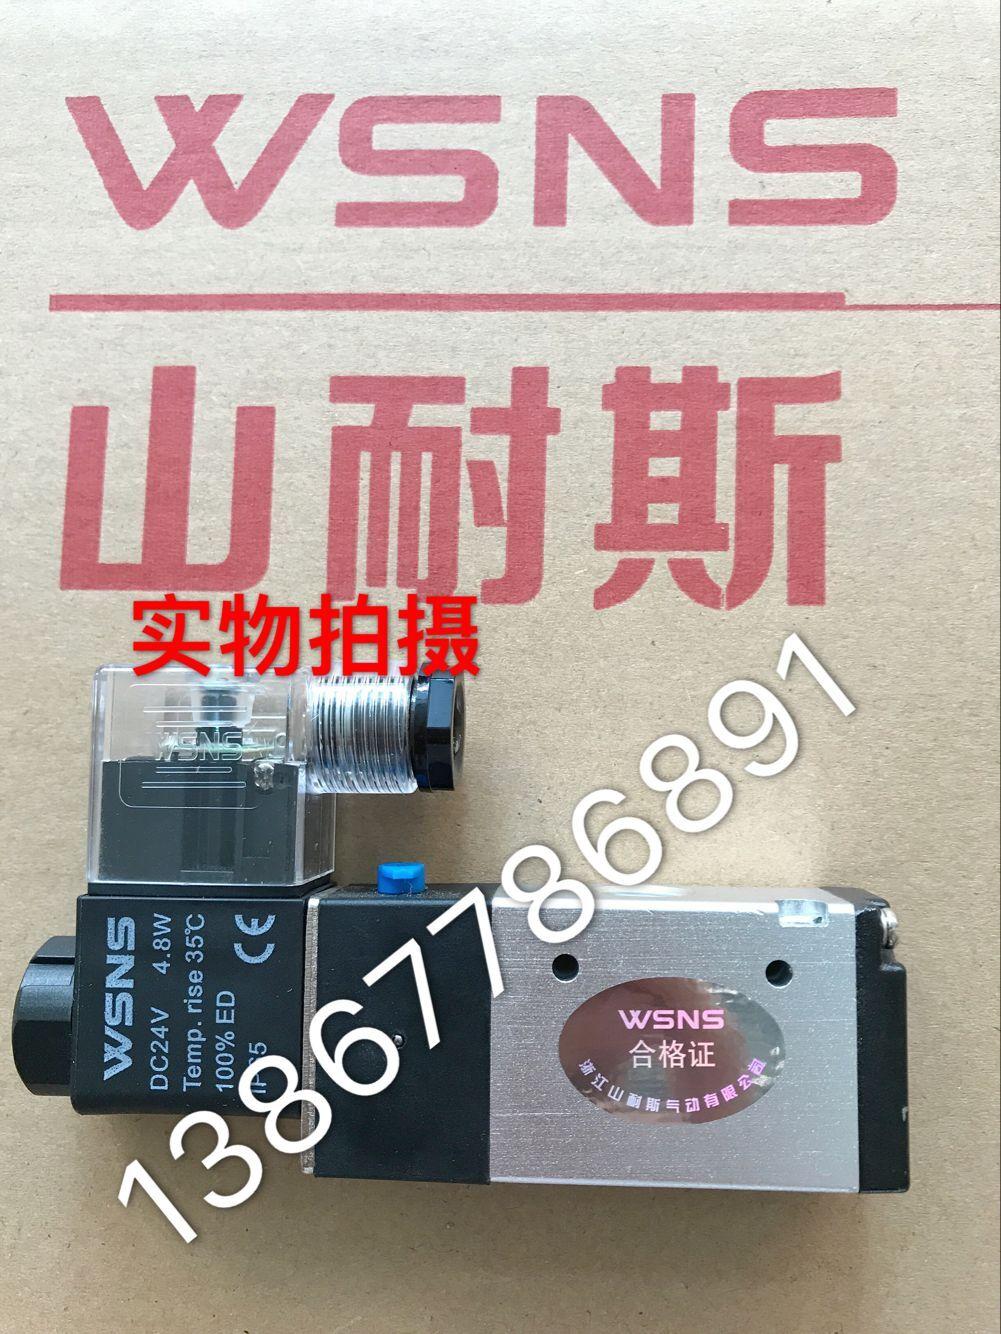 SMC pneumáticos AIRTAC válvula solenóide Da válvula, válvula de controle 3V210-083V220-08 Direito reservado